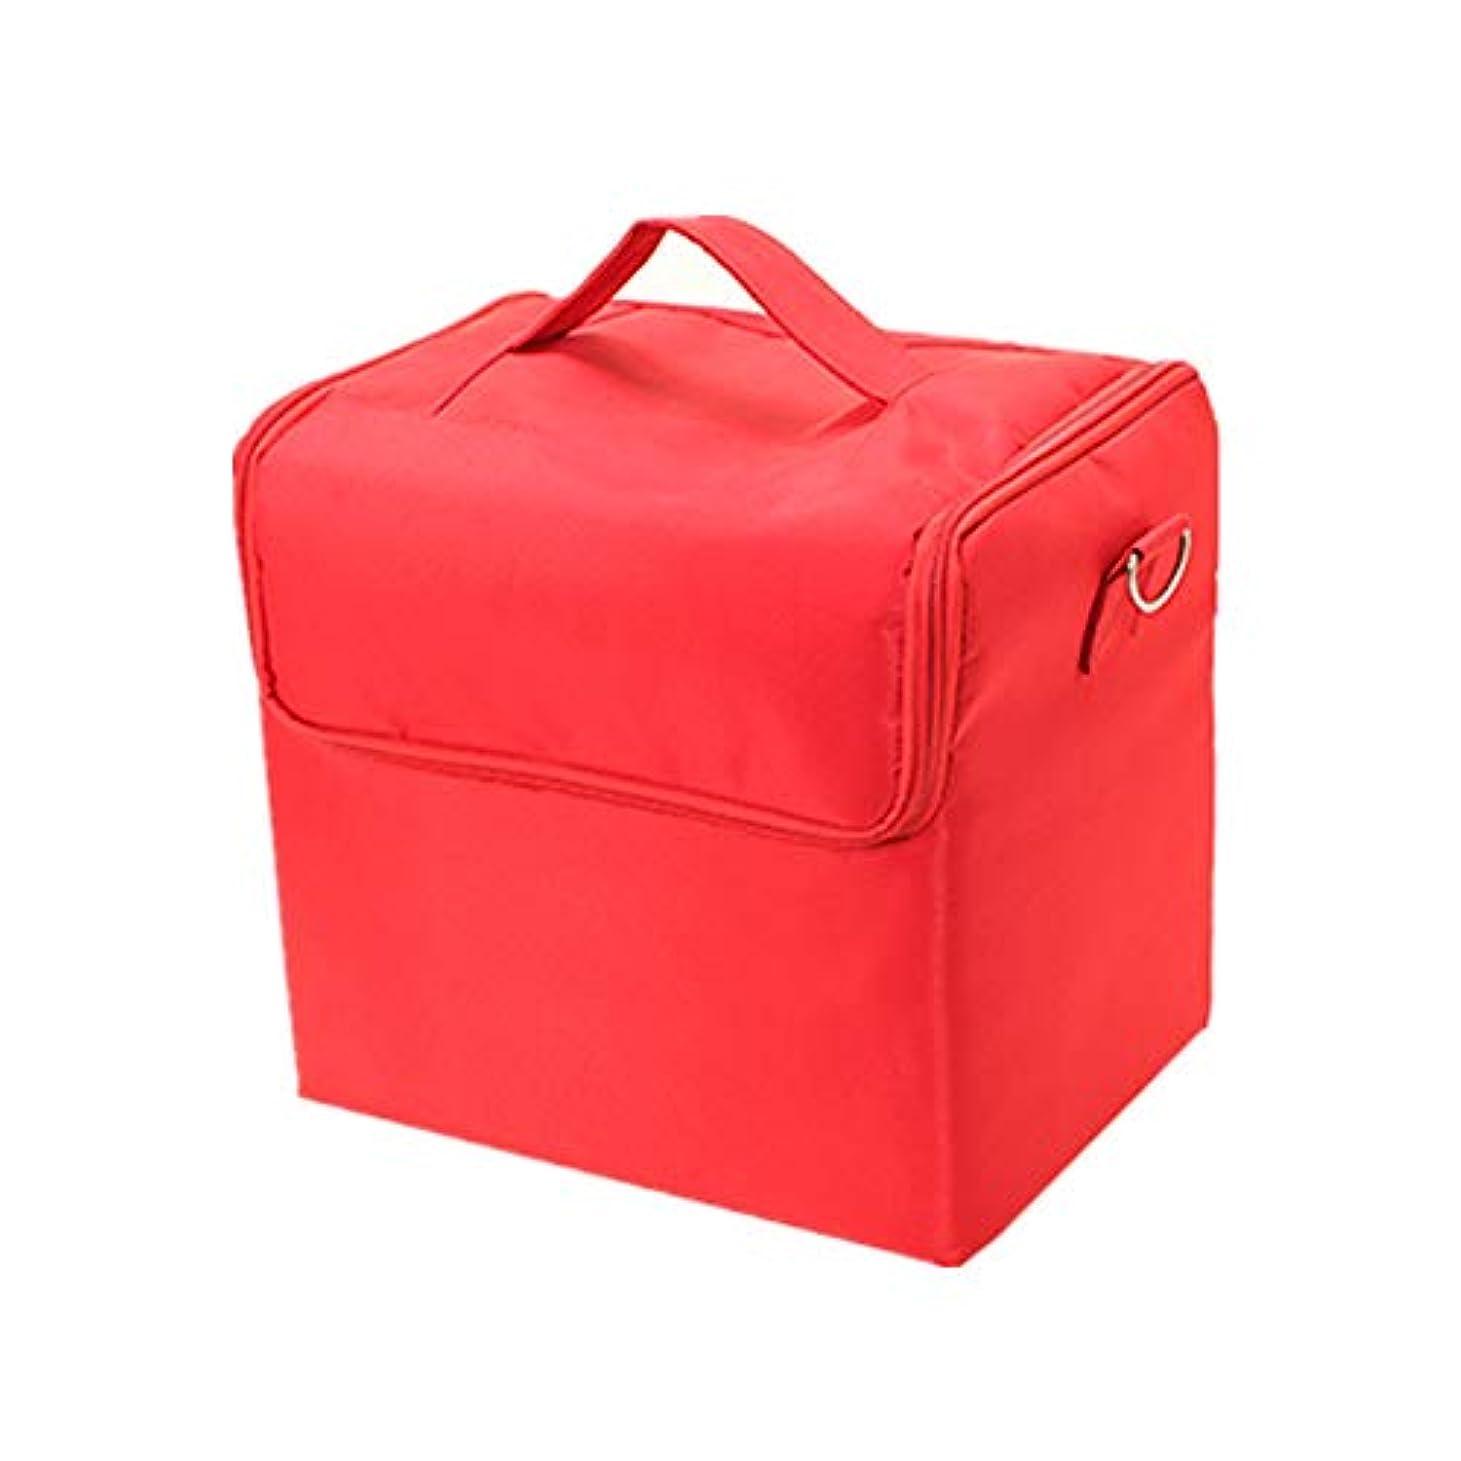 一族ズーム硬化する化粧オーガナイザーバッグ 純粋な色のカジュアルポータ??ブル化粧品バッグ美容メイクアップとトラベルで旅行 化粧品ケース